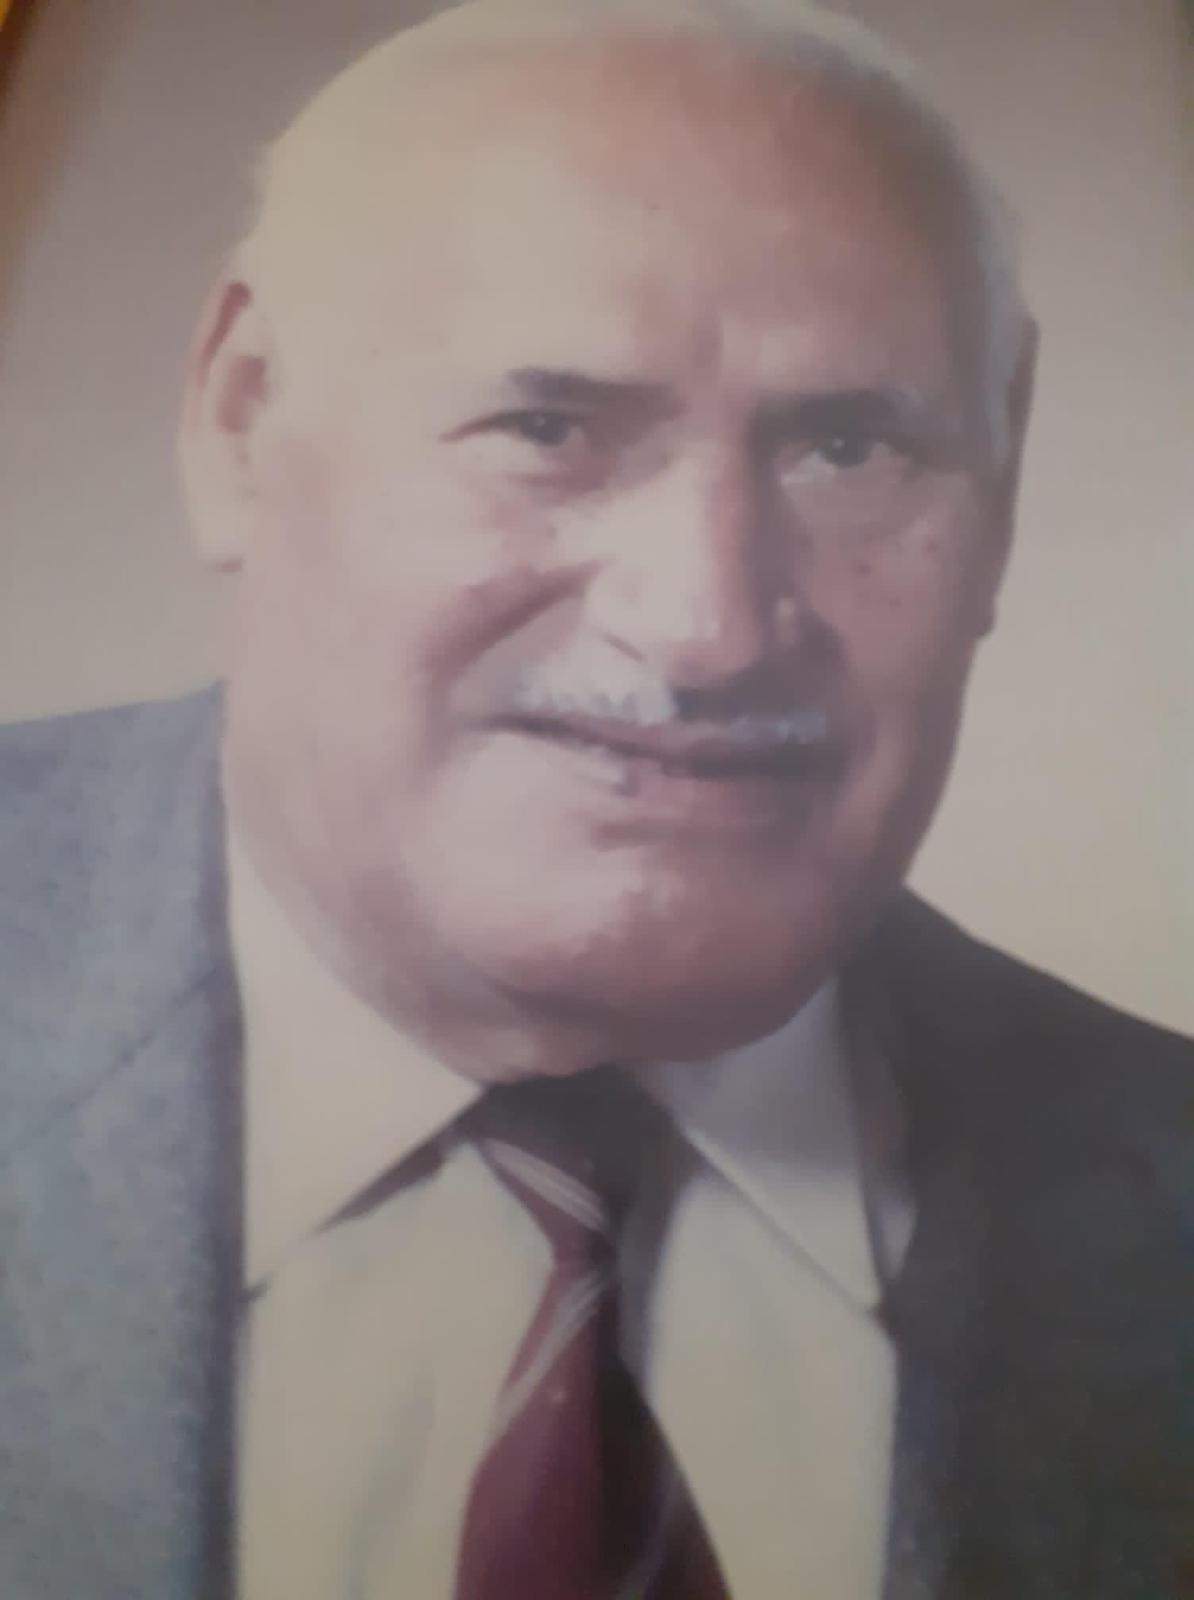 """היום לפני 34 שנים מת בעיר נצרת סלים אל קאסם ; מנהיג איגוד מקצועי וחבר הלשכה הפוליטית של מק""""י"""